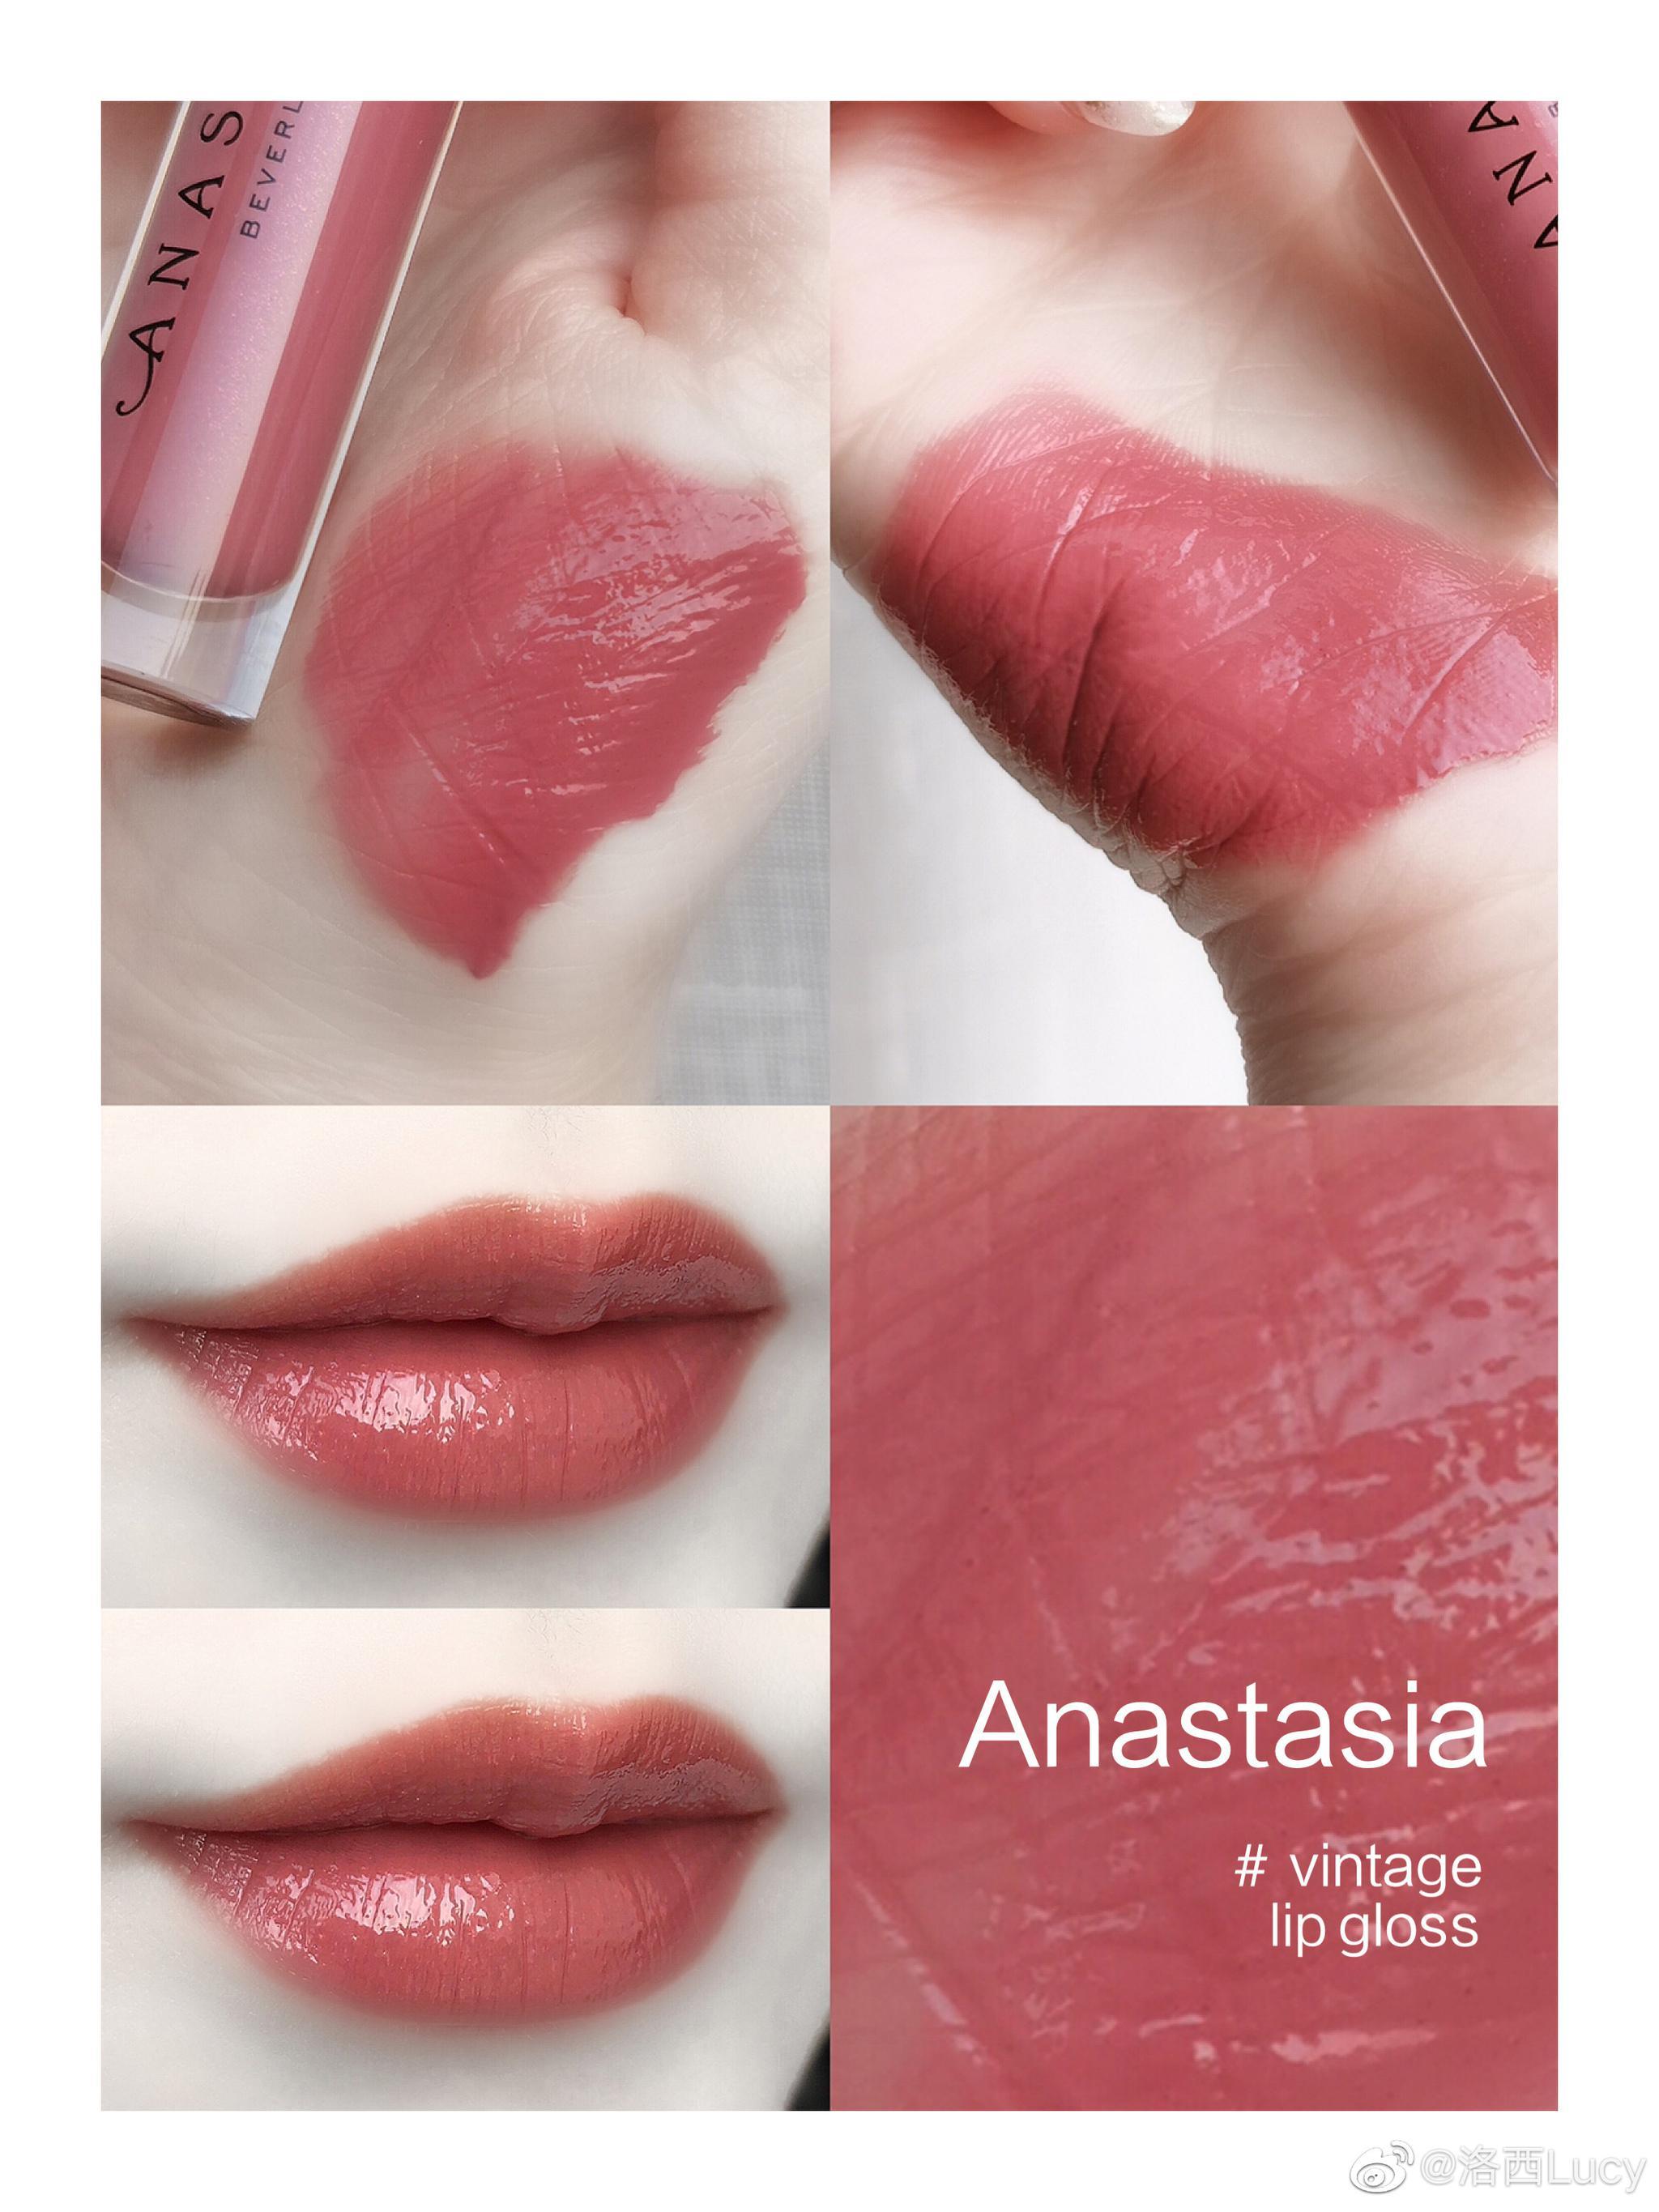 Anastasia最出名的莫过于文艺复兴眼影盘和极细眉笔